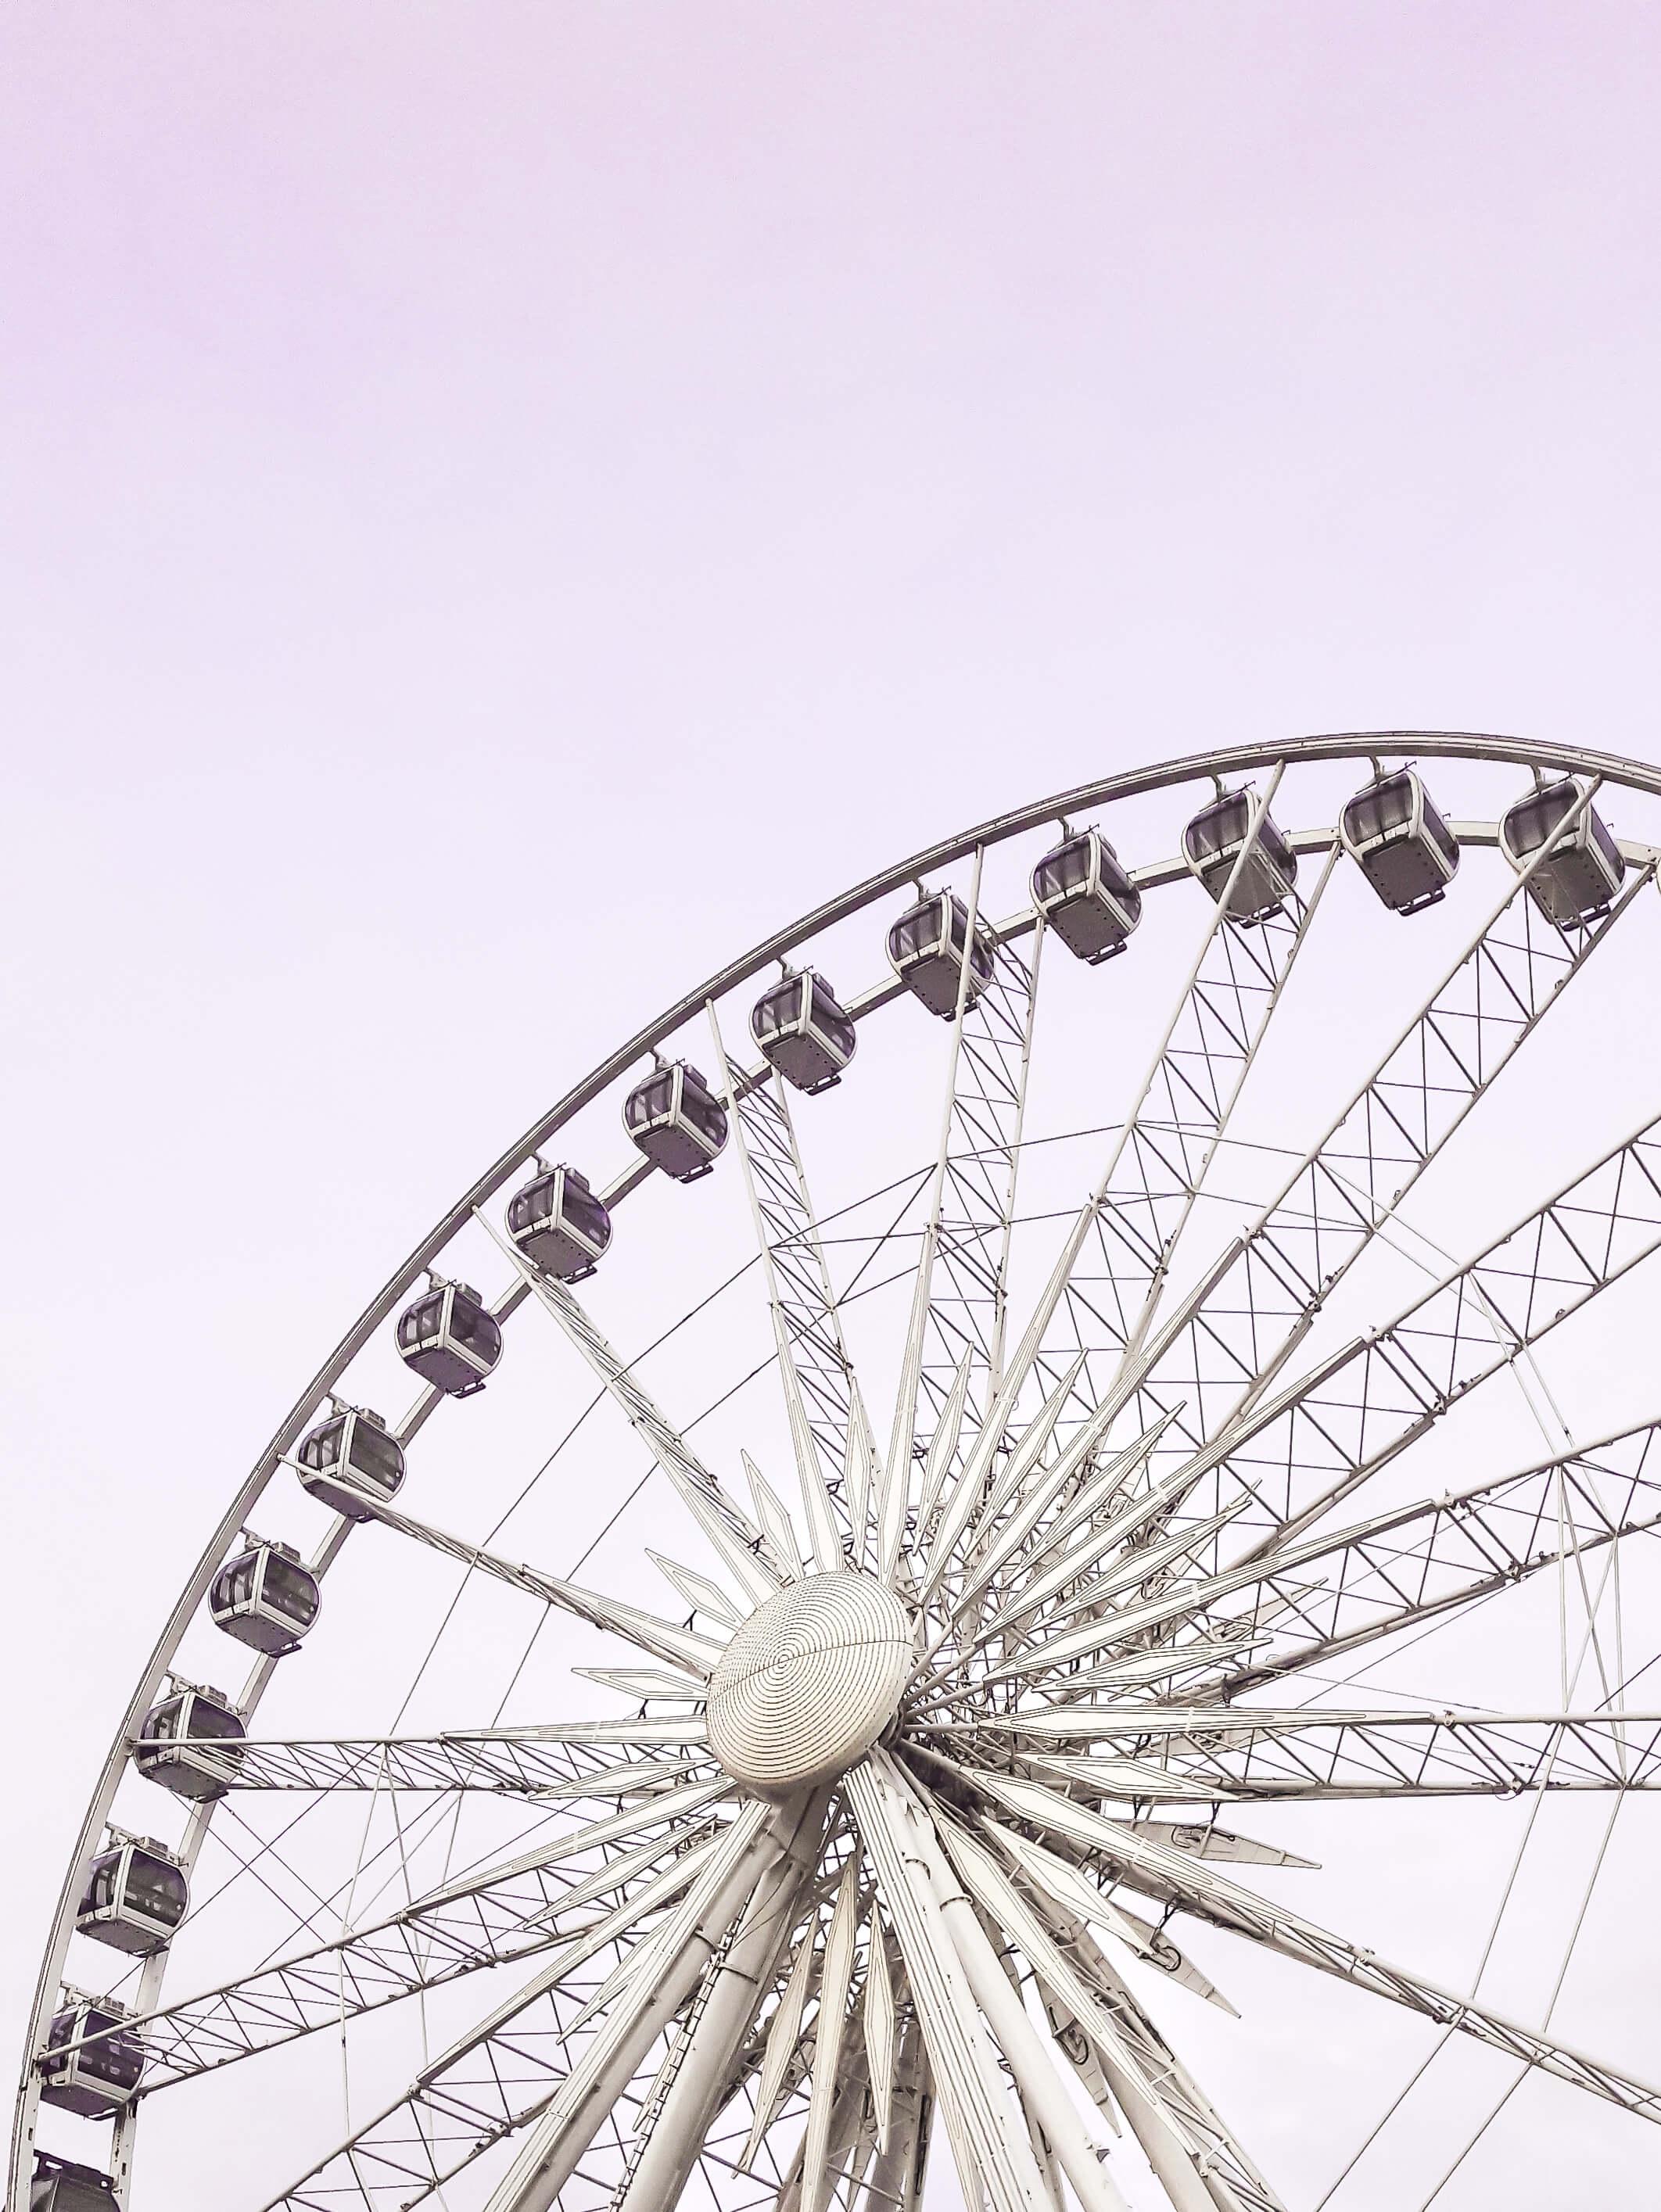 2 days in Gdansk, Poland - AmberSky ferris wheel